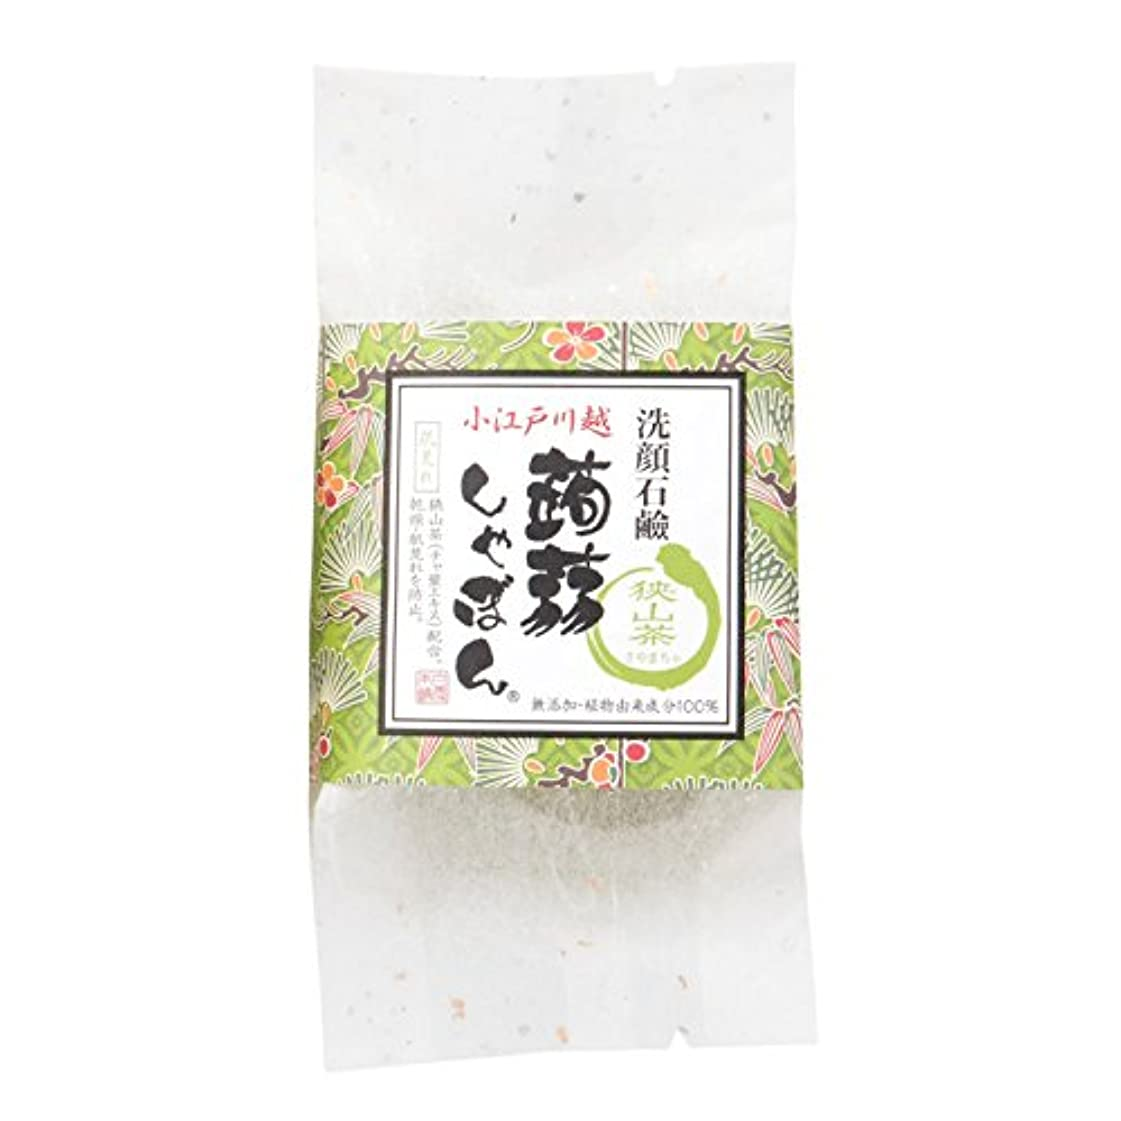 フィドルスーダン好色な川越蒟蒻しゃぼん狭山茶(さやまちゃ)